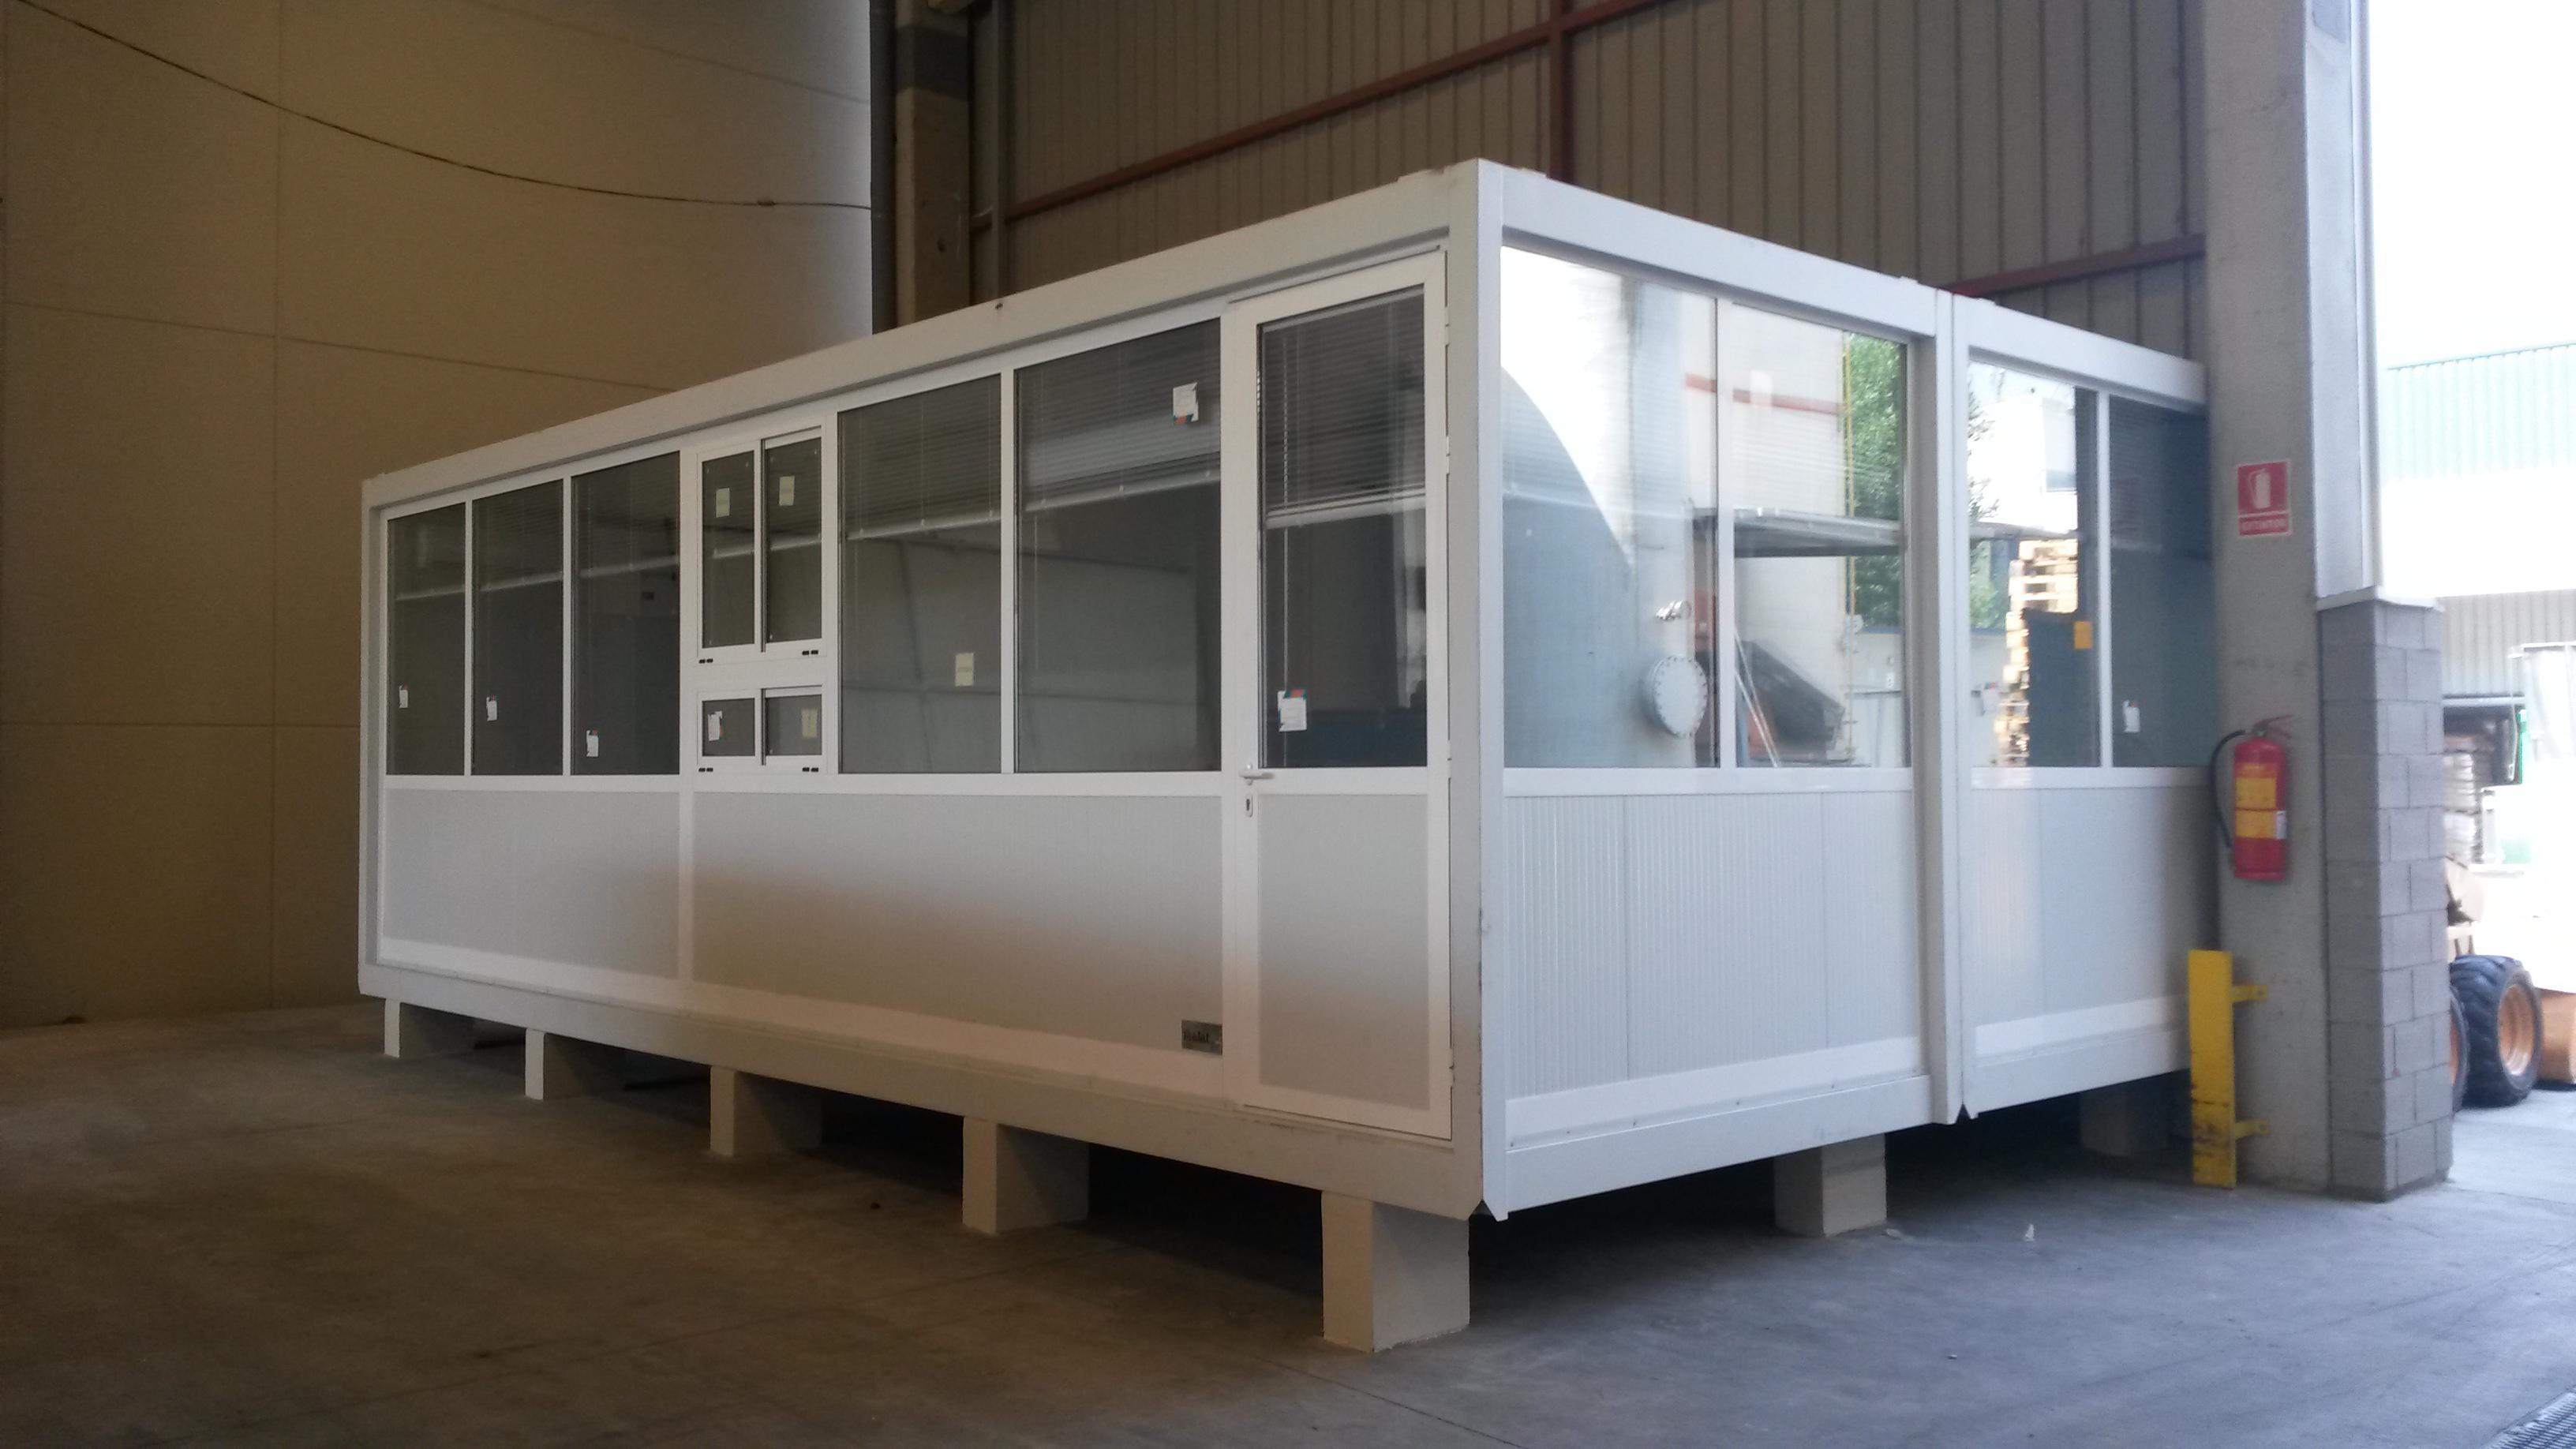 M dulos prefabricados como oficinas para trumpler for Oficina prefabricada